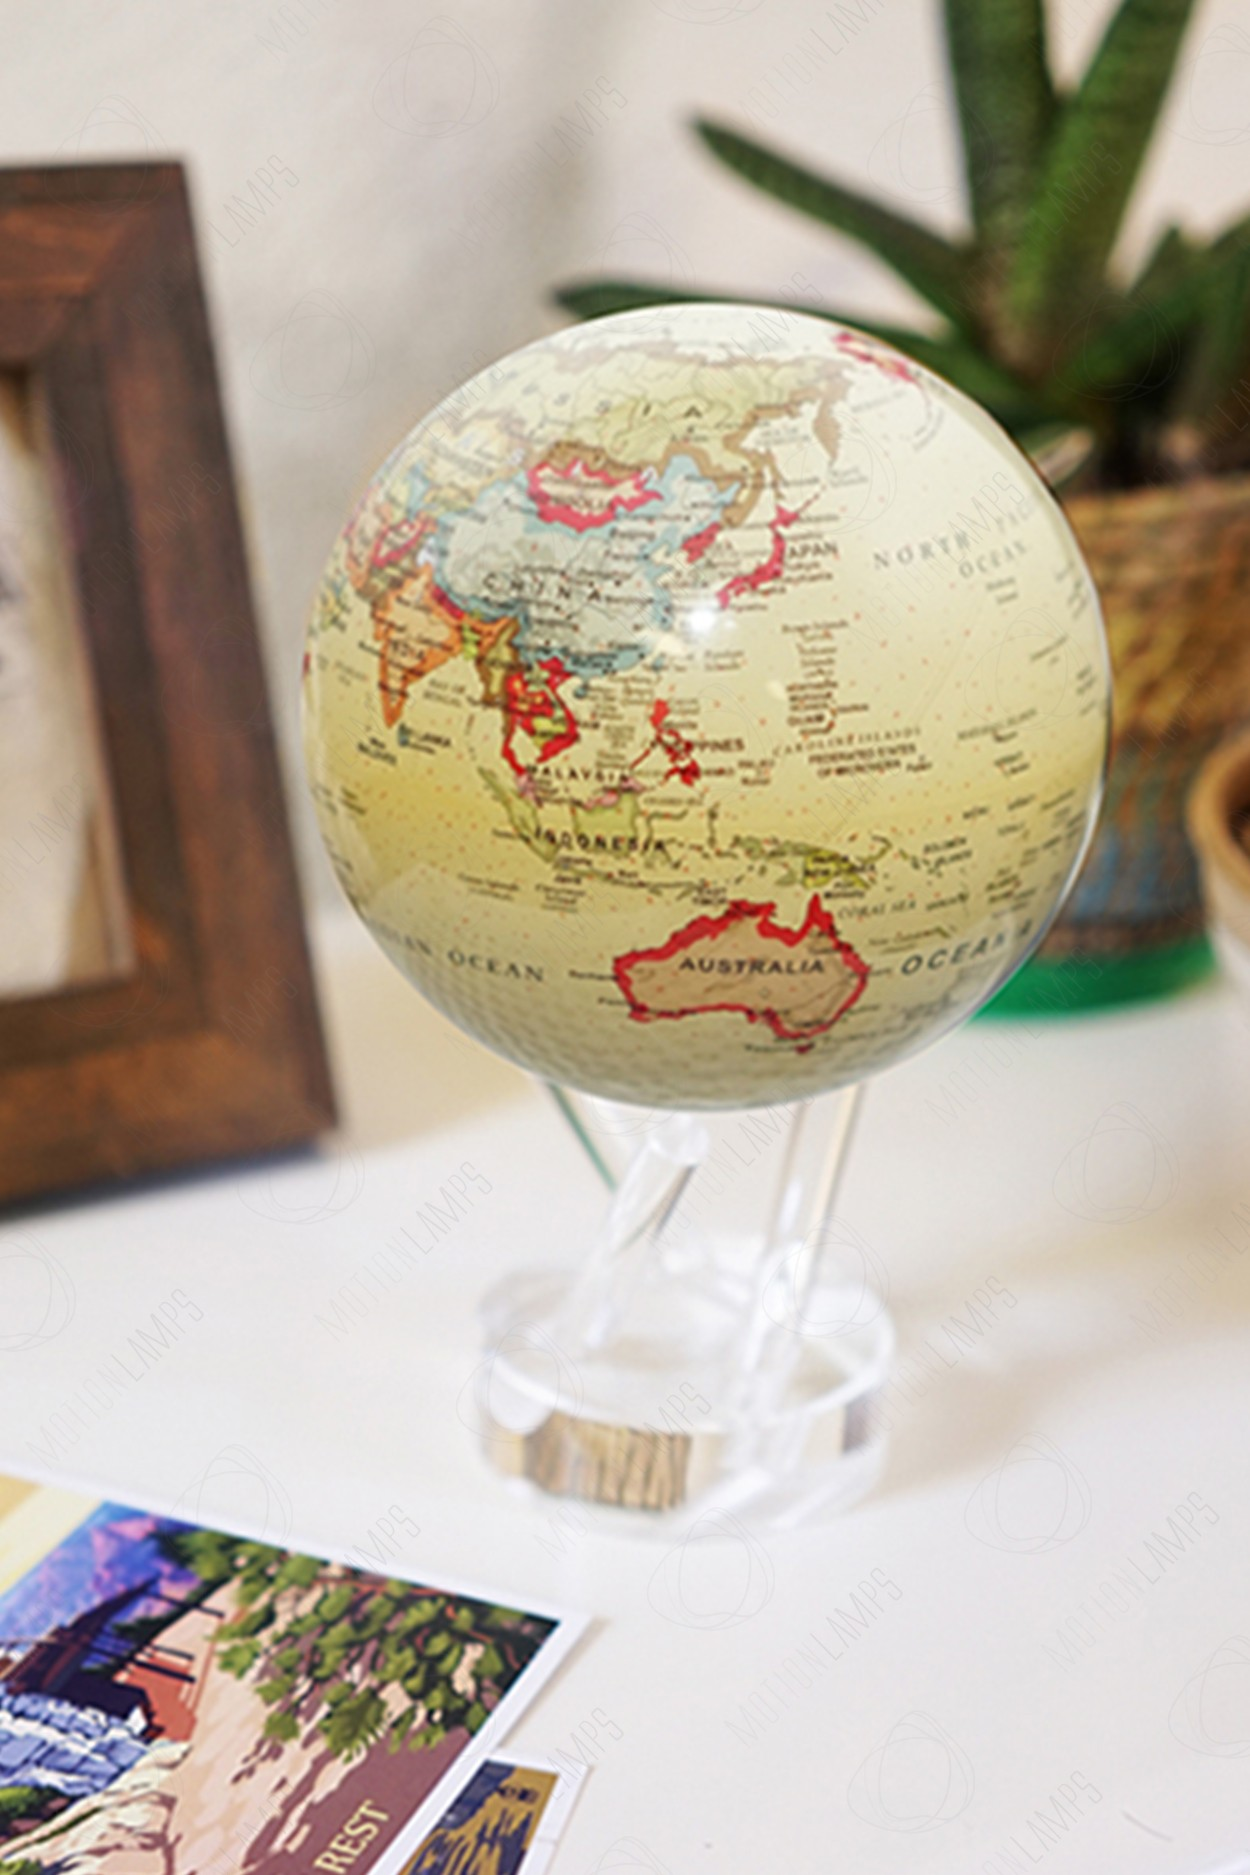 Глобус Mova Globe d12 с политической картой мира (бежевый) в Москве